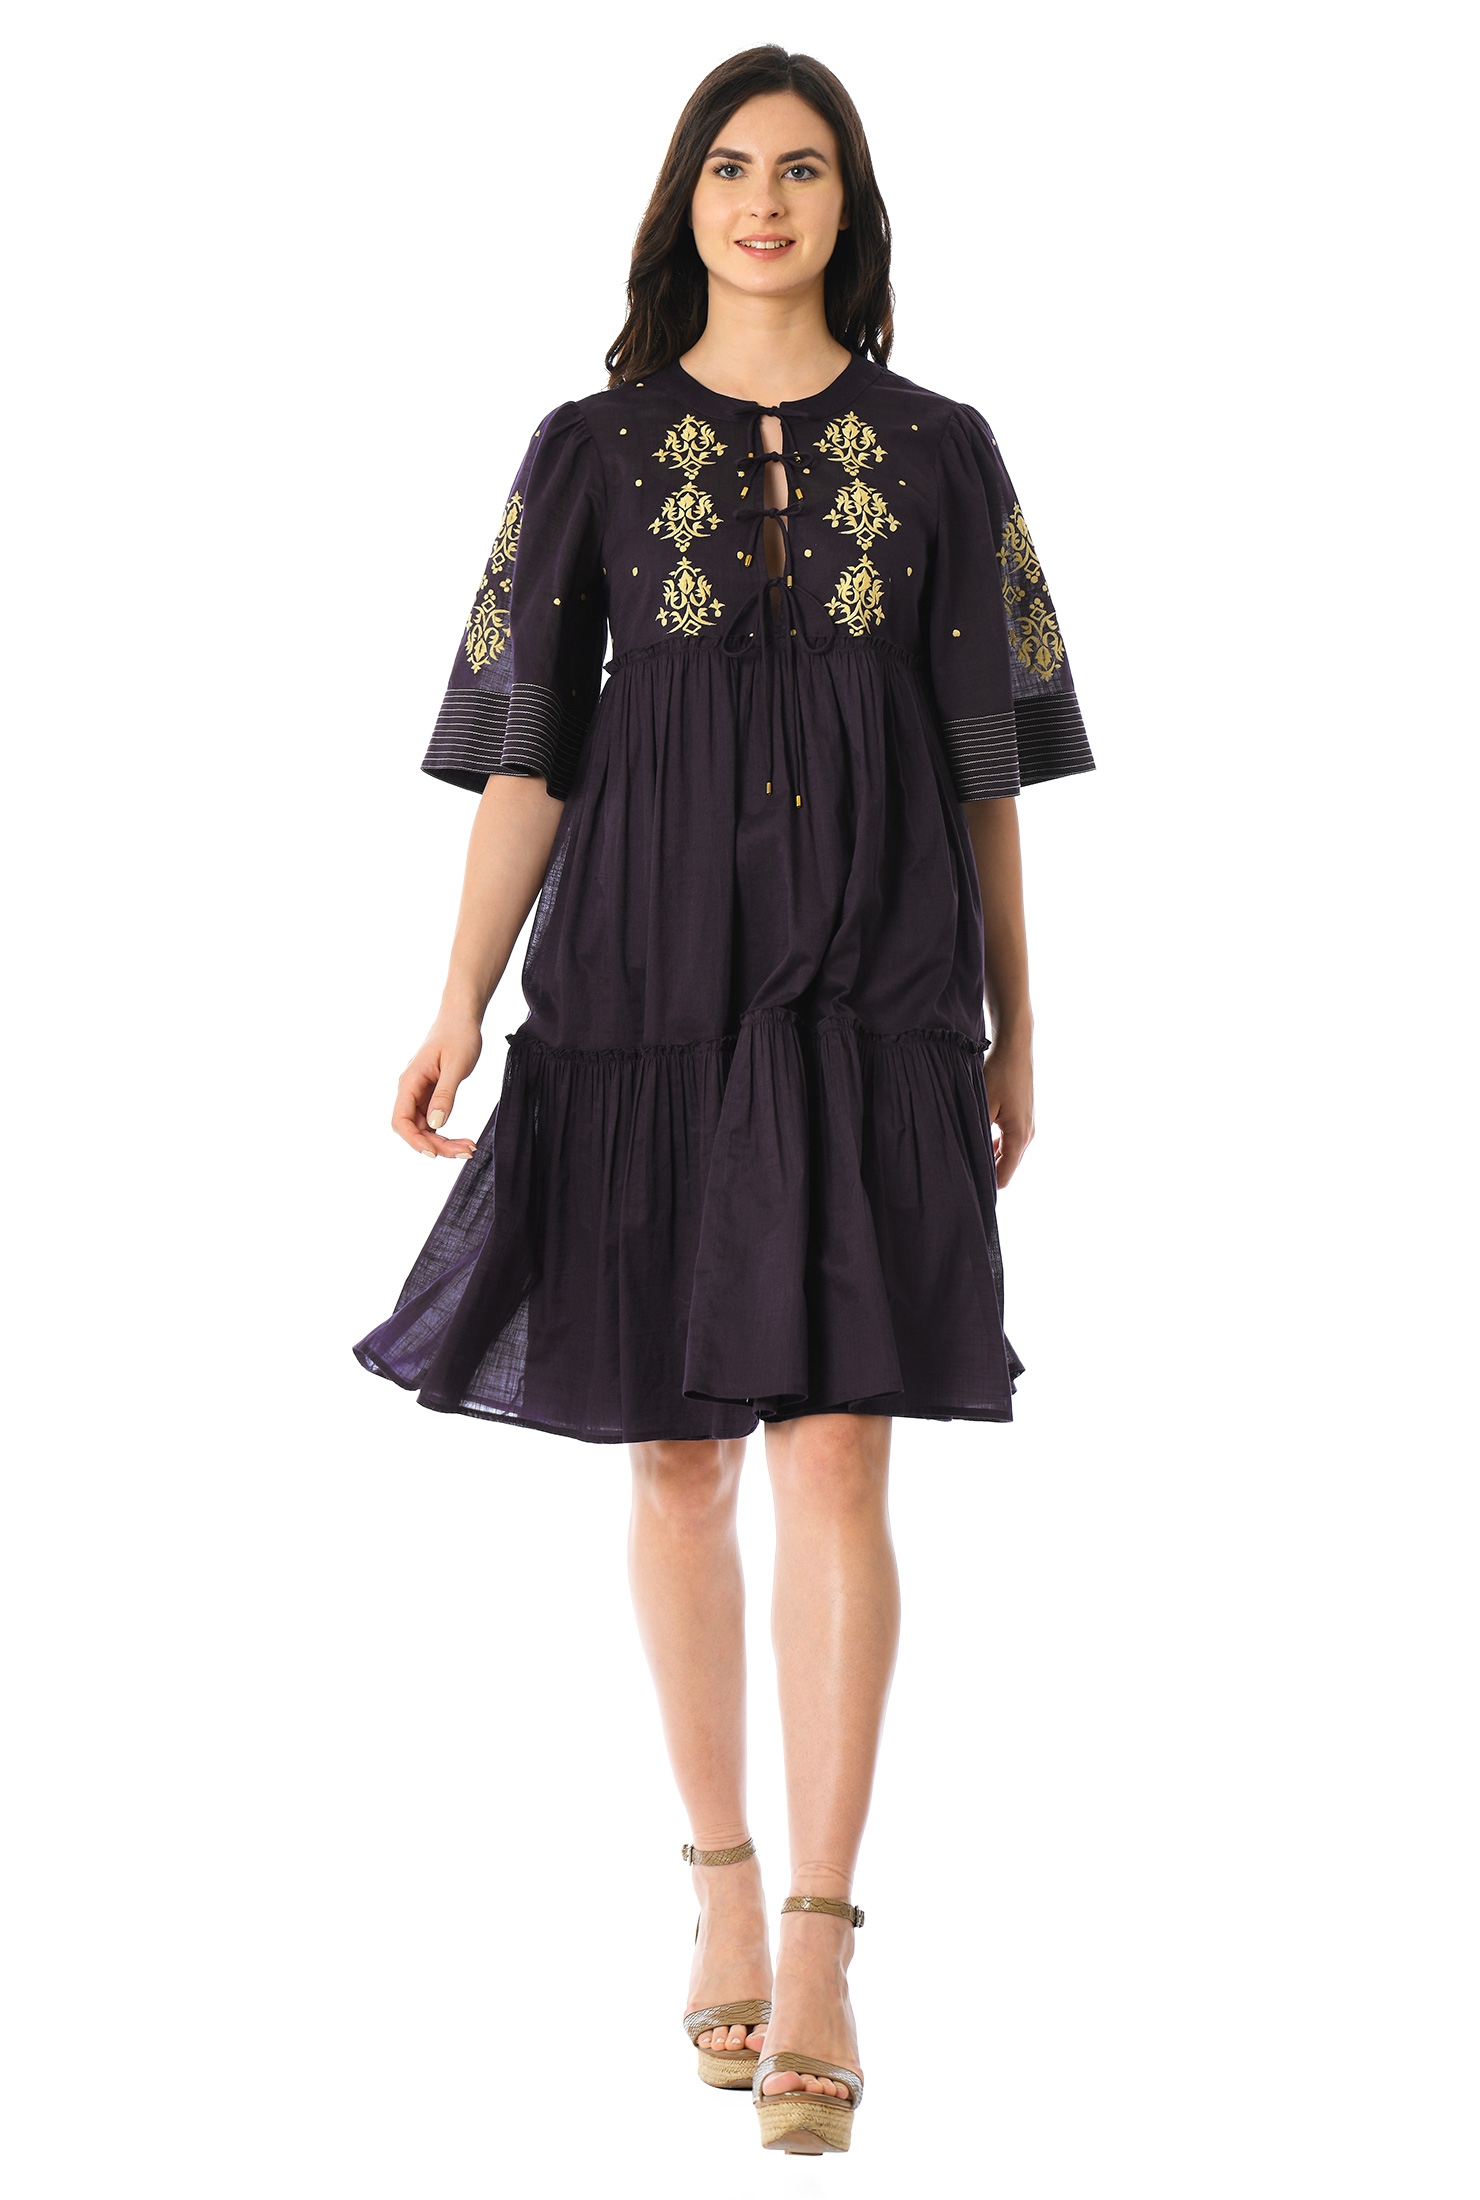 dd09c50c80b Women s Fashion Clothing 0-36W and Custom